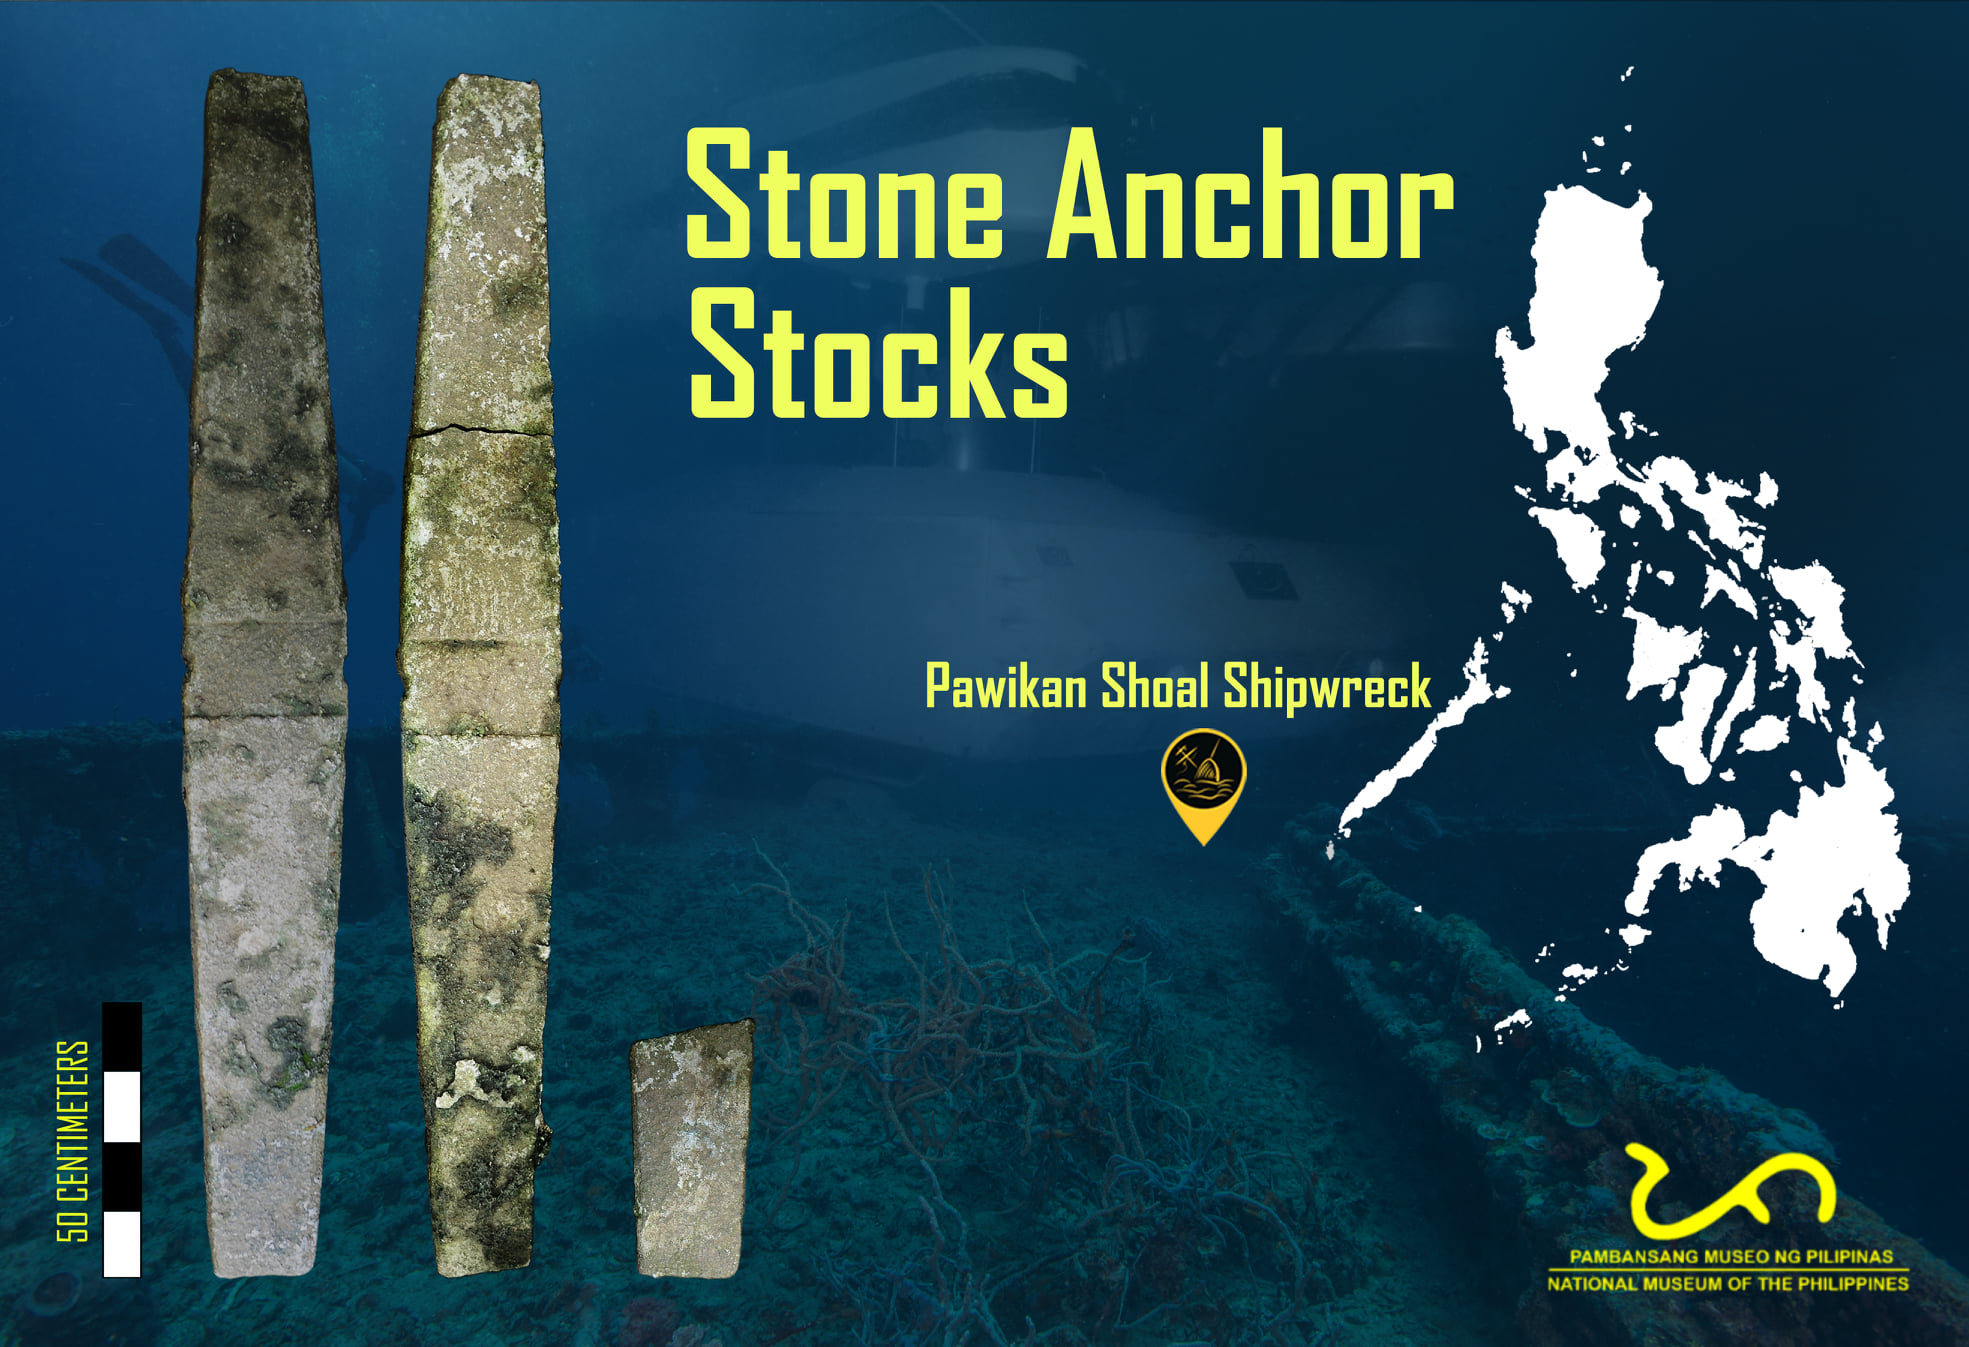 Stone Anchor Stocks from a Shipwreck at Pawikan (Investigator) Shoal, Palawan